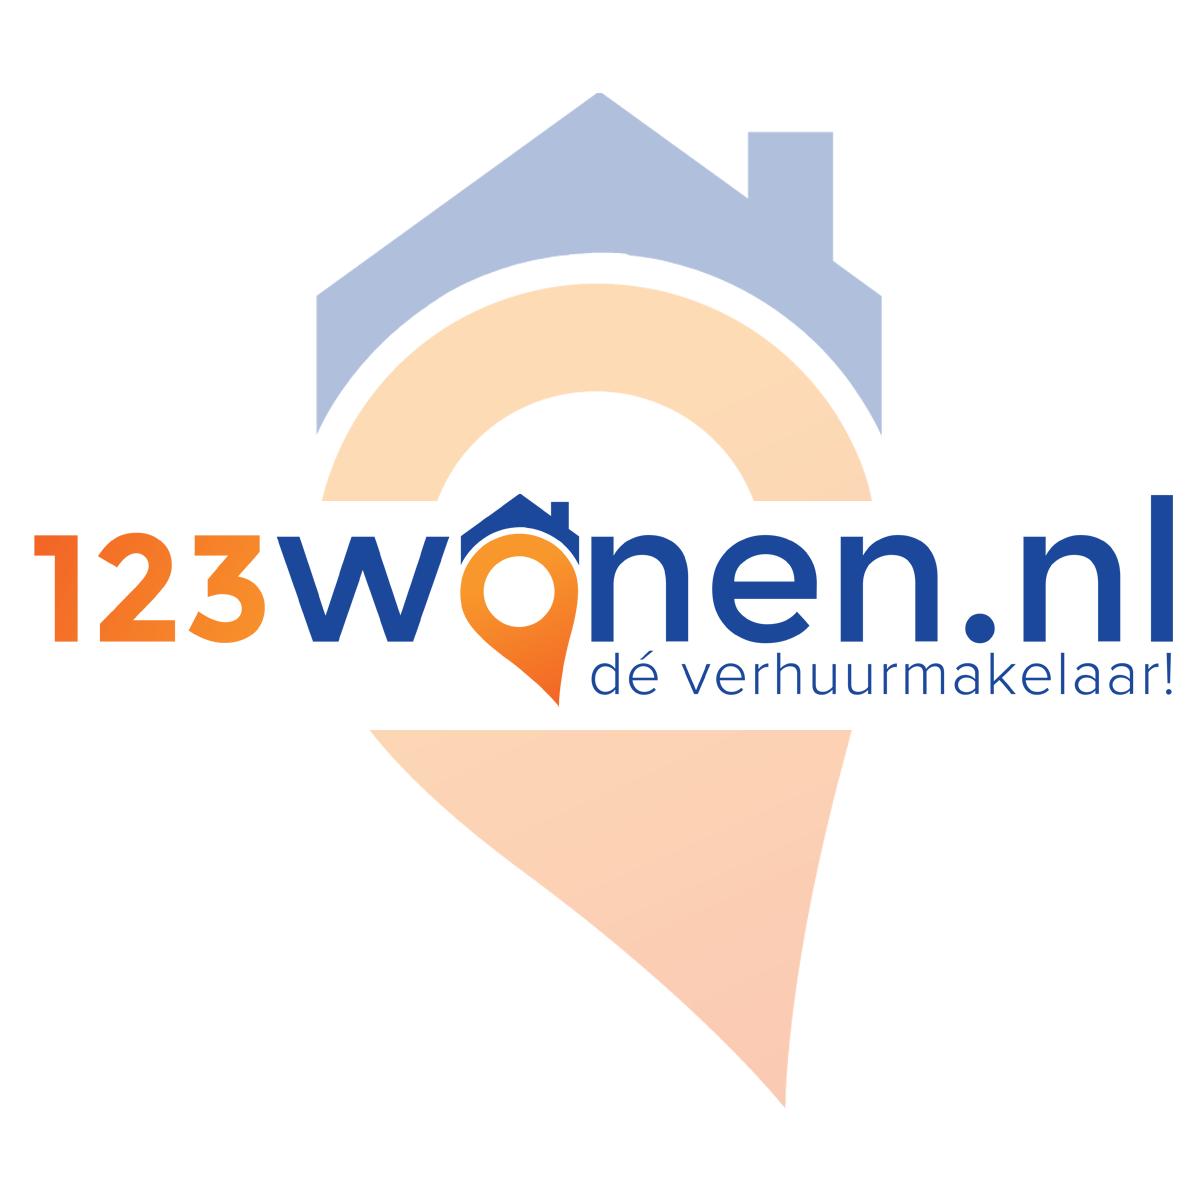 123wonen.nl reviews, beoordelingen en ervaringen